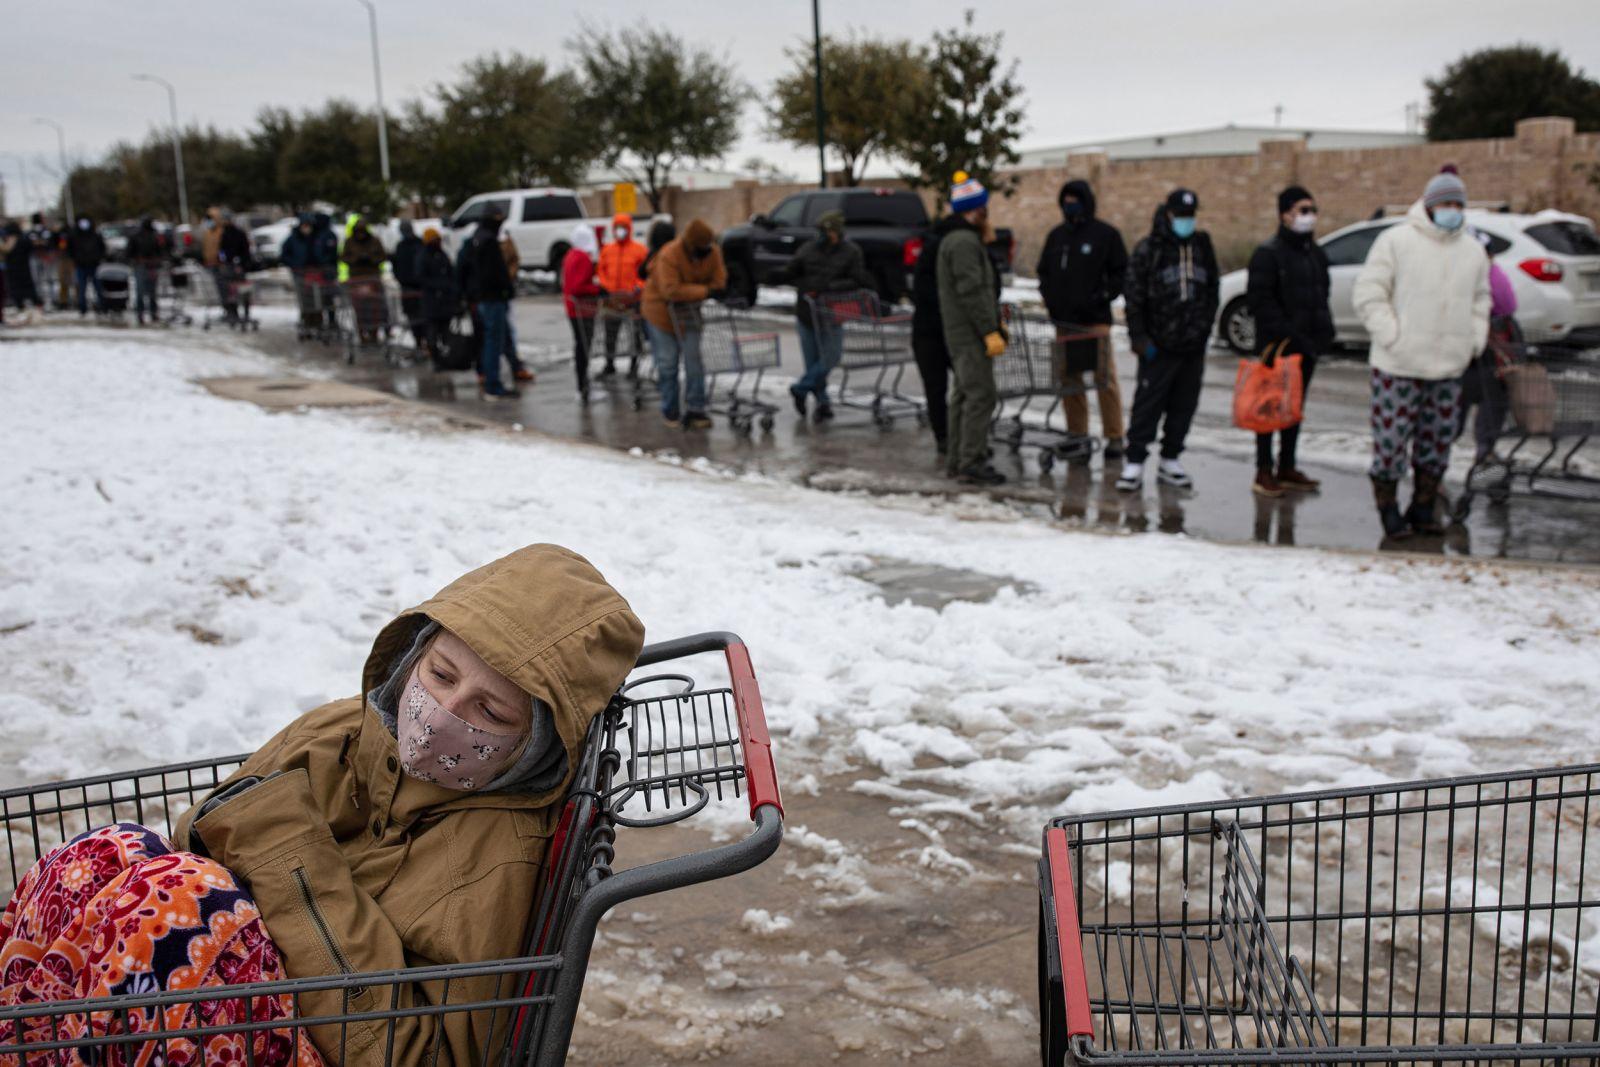 [PhotoStory] Những hình ảnh có một không hai về mùa đông khắc nghiệt trên đất Mỹ - Ảnh 6.